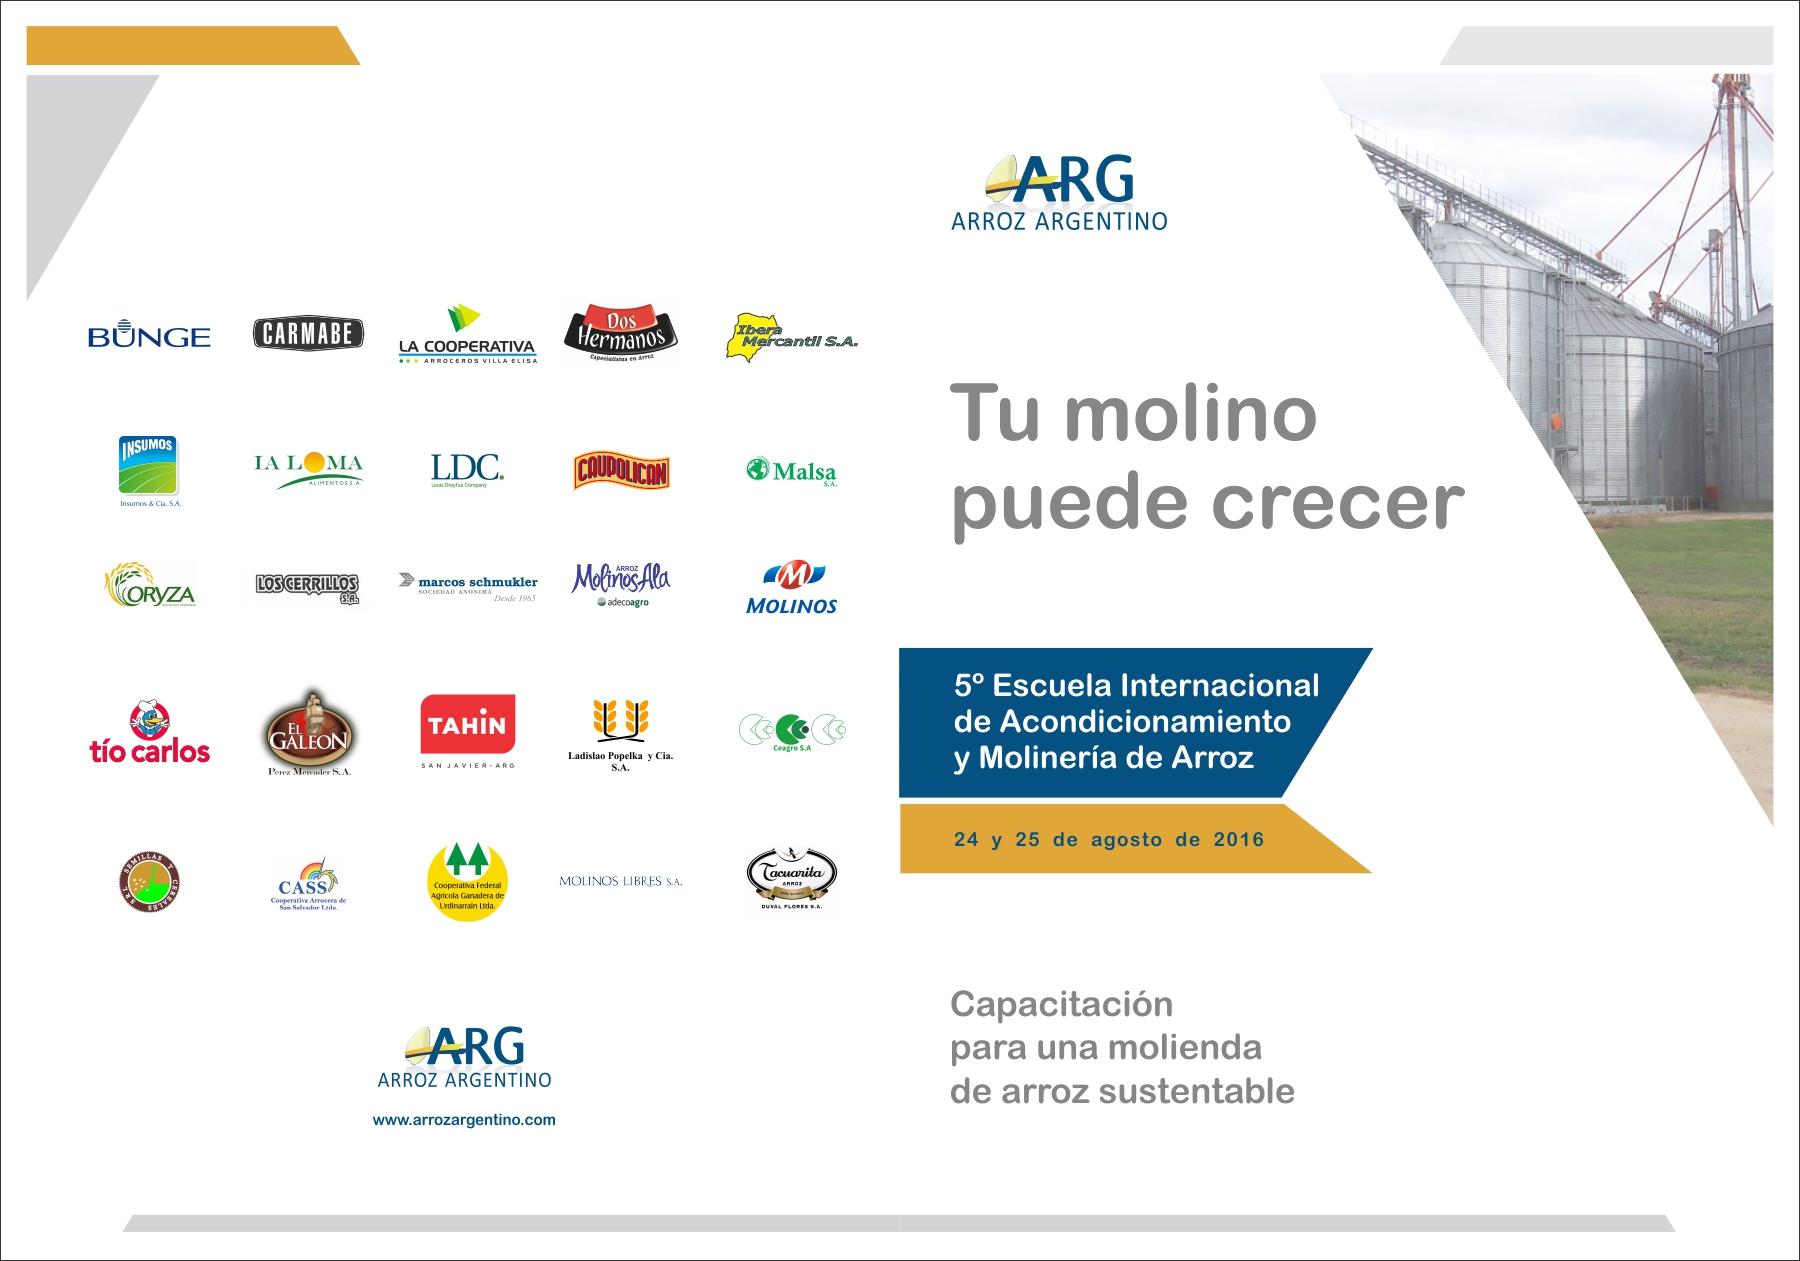 carpeta-jornadas-arroz-arg-ago-2016